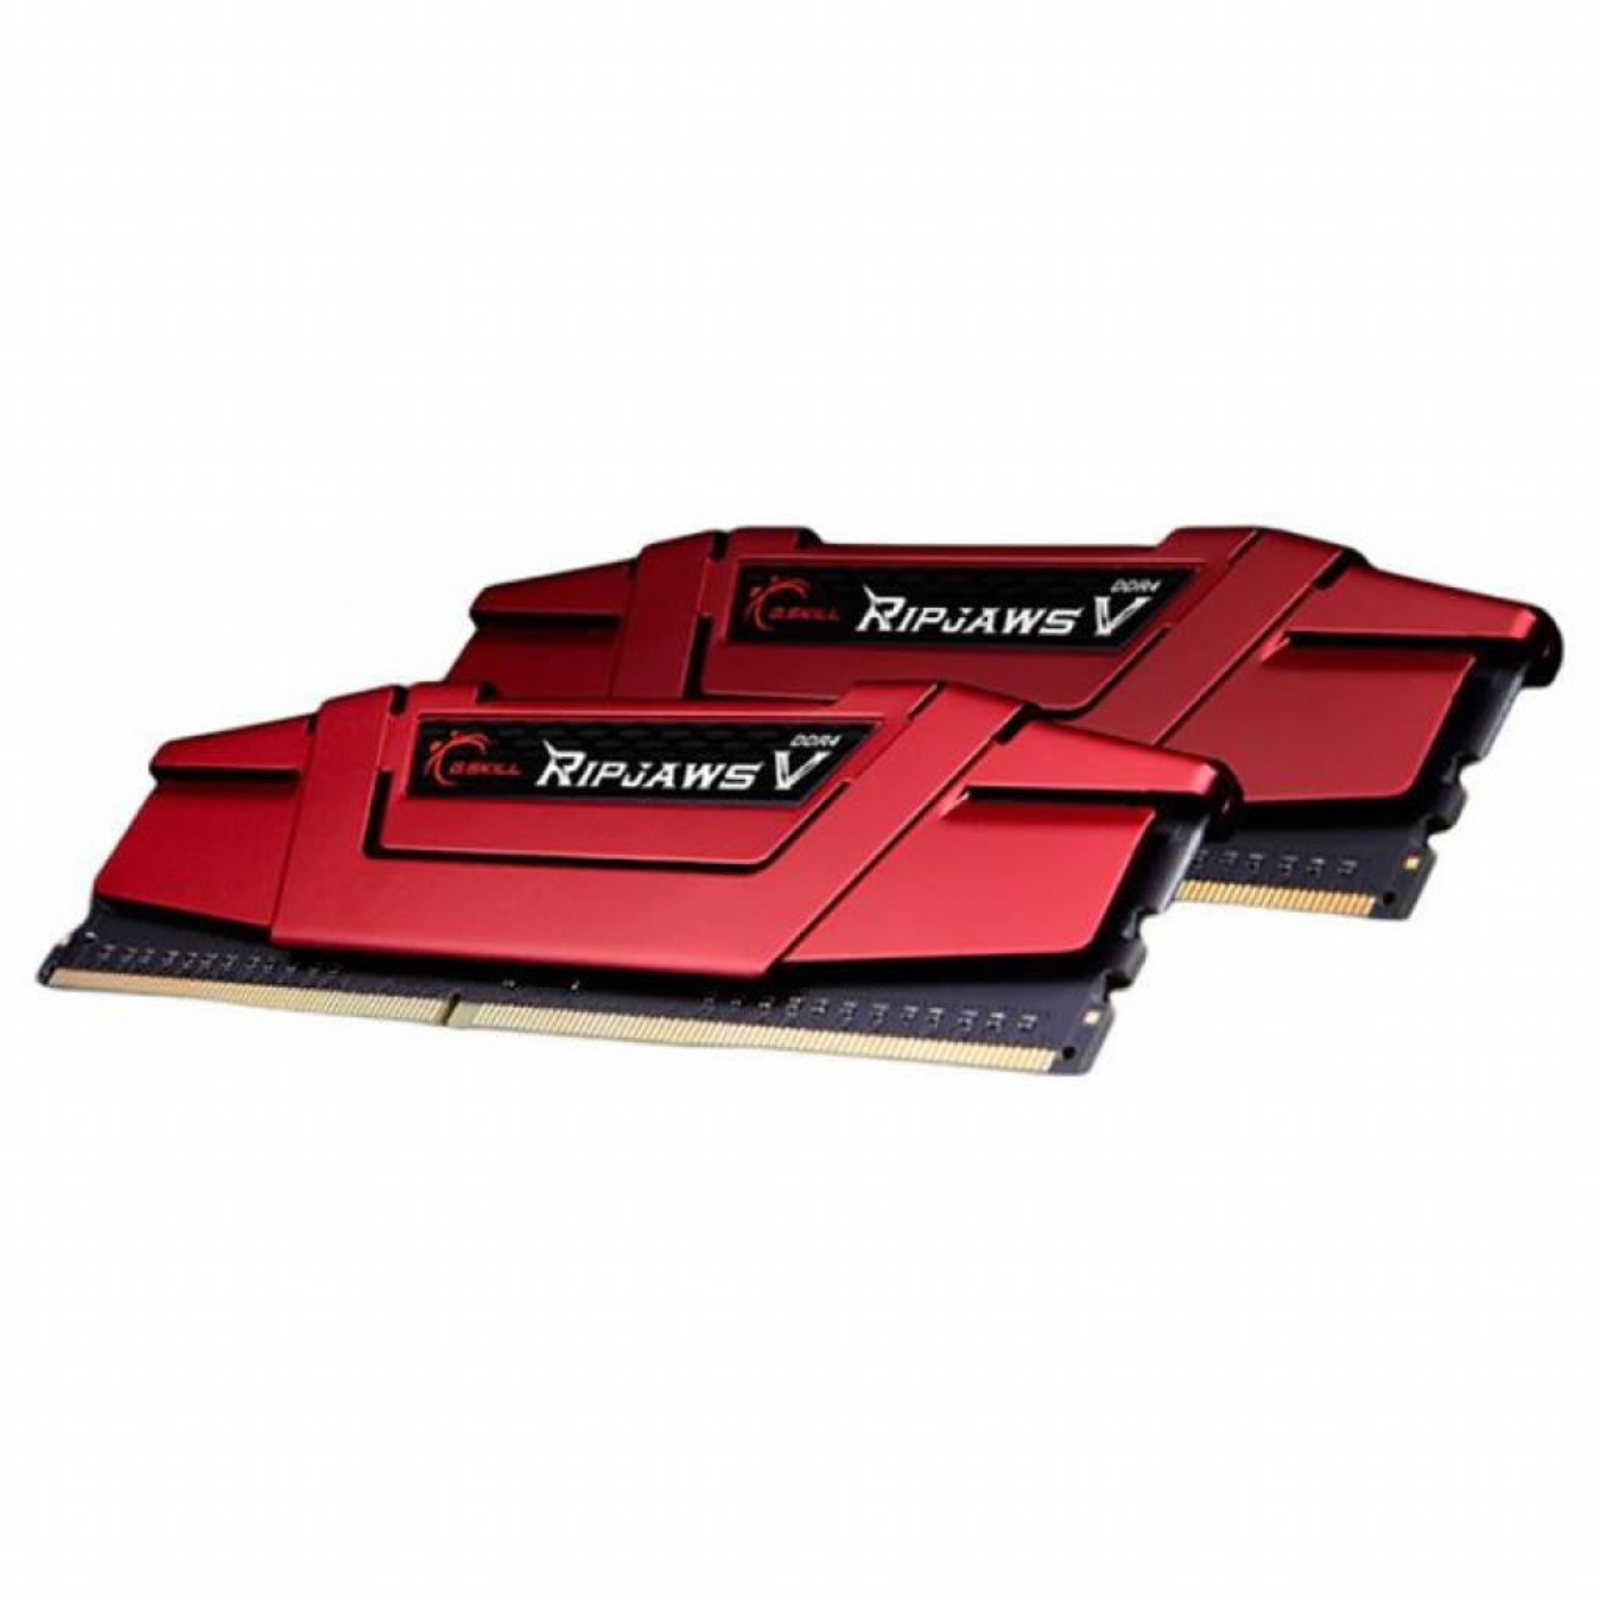 Модуль памяти для компьютера DDR4 16GB (2x8GB) 2400 MHz RipjawsV Red G.Skill (F4-2400C17D-16GVR) изображение 3